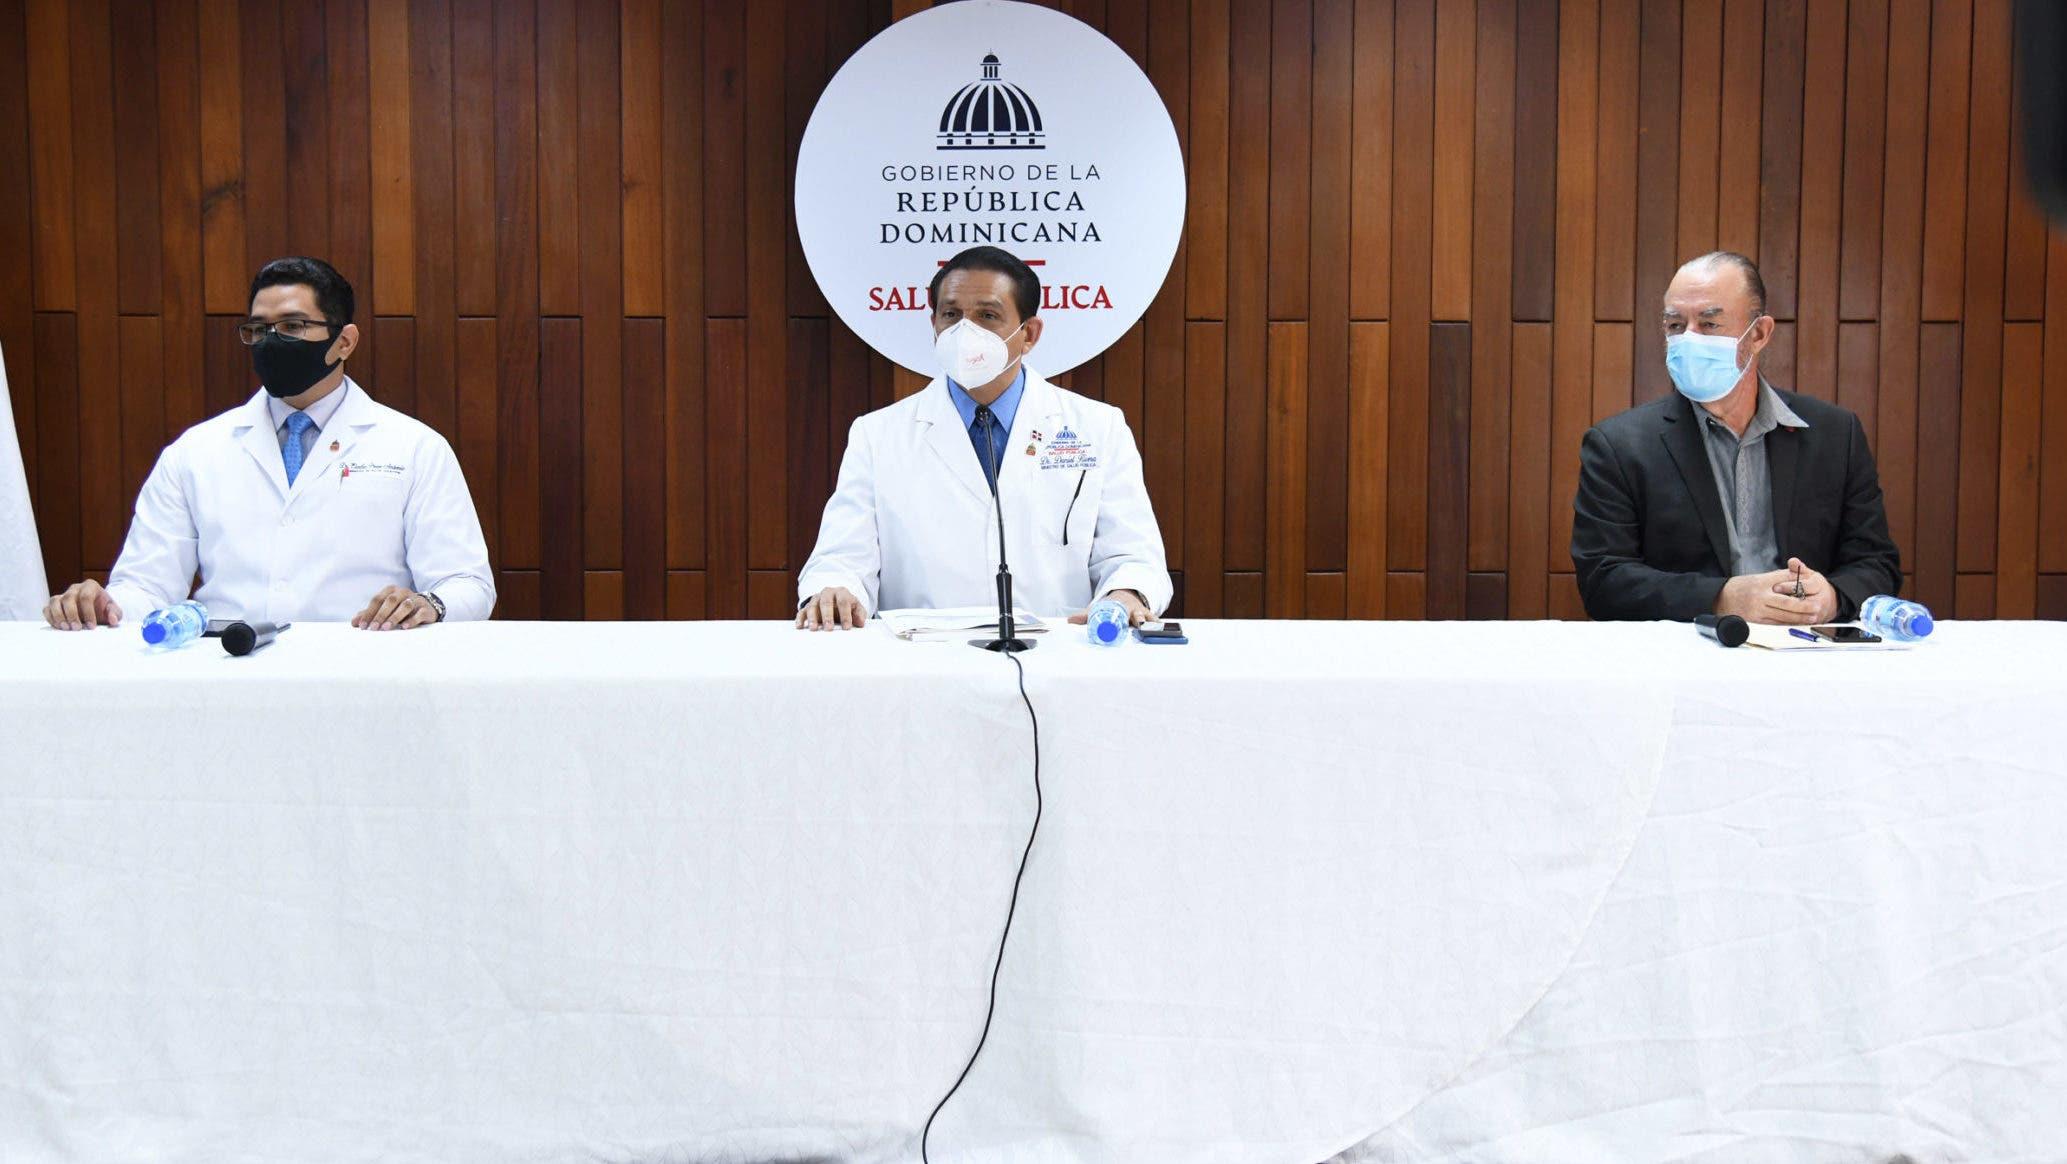 Ministro de Salud reitera que si hay consenso para vacunar a niños a partir de 5 años